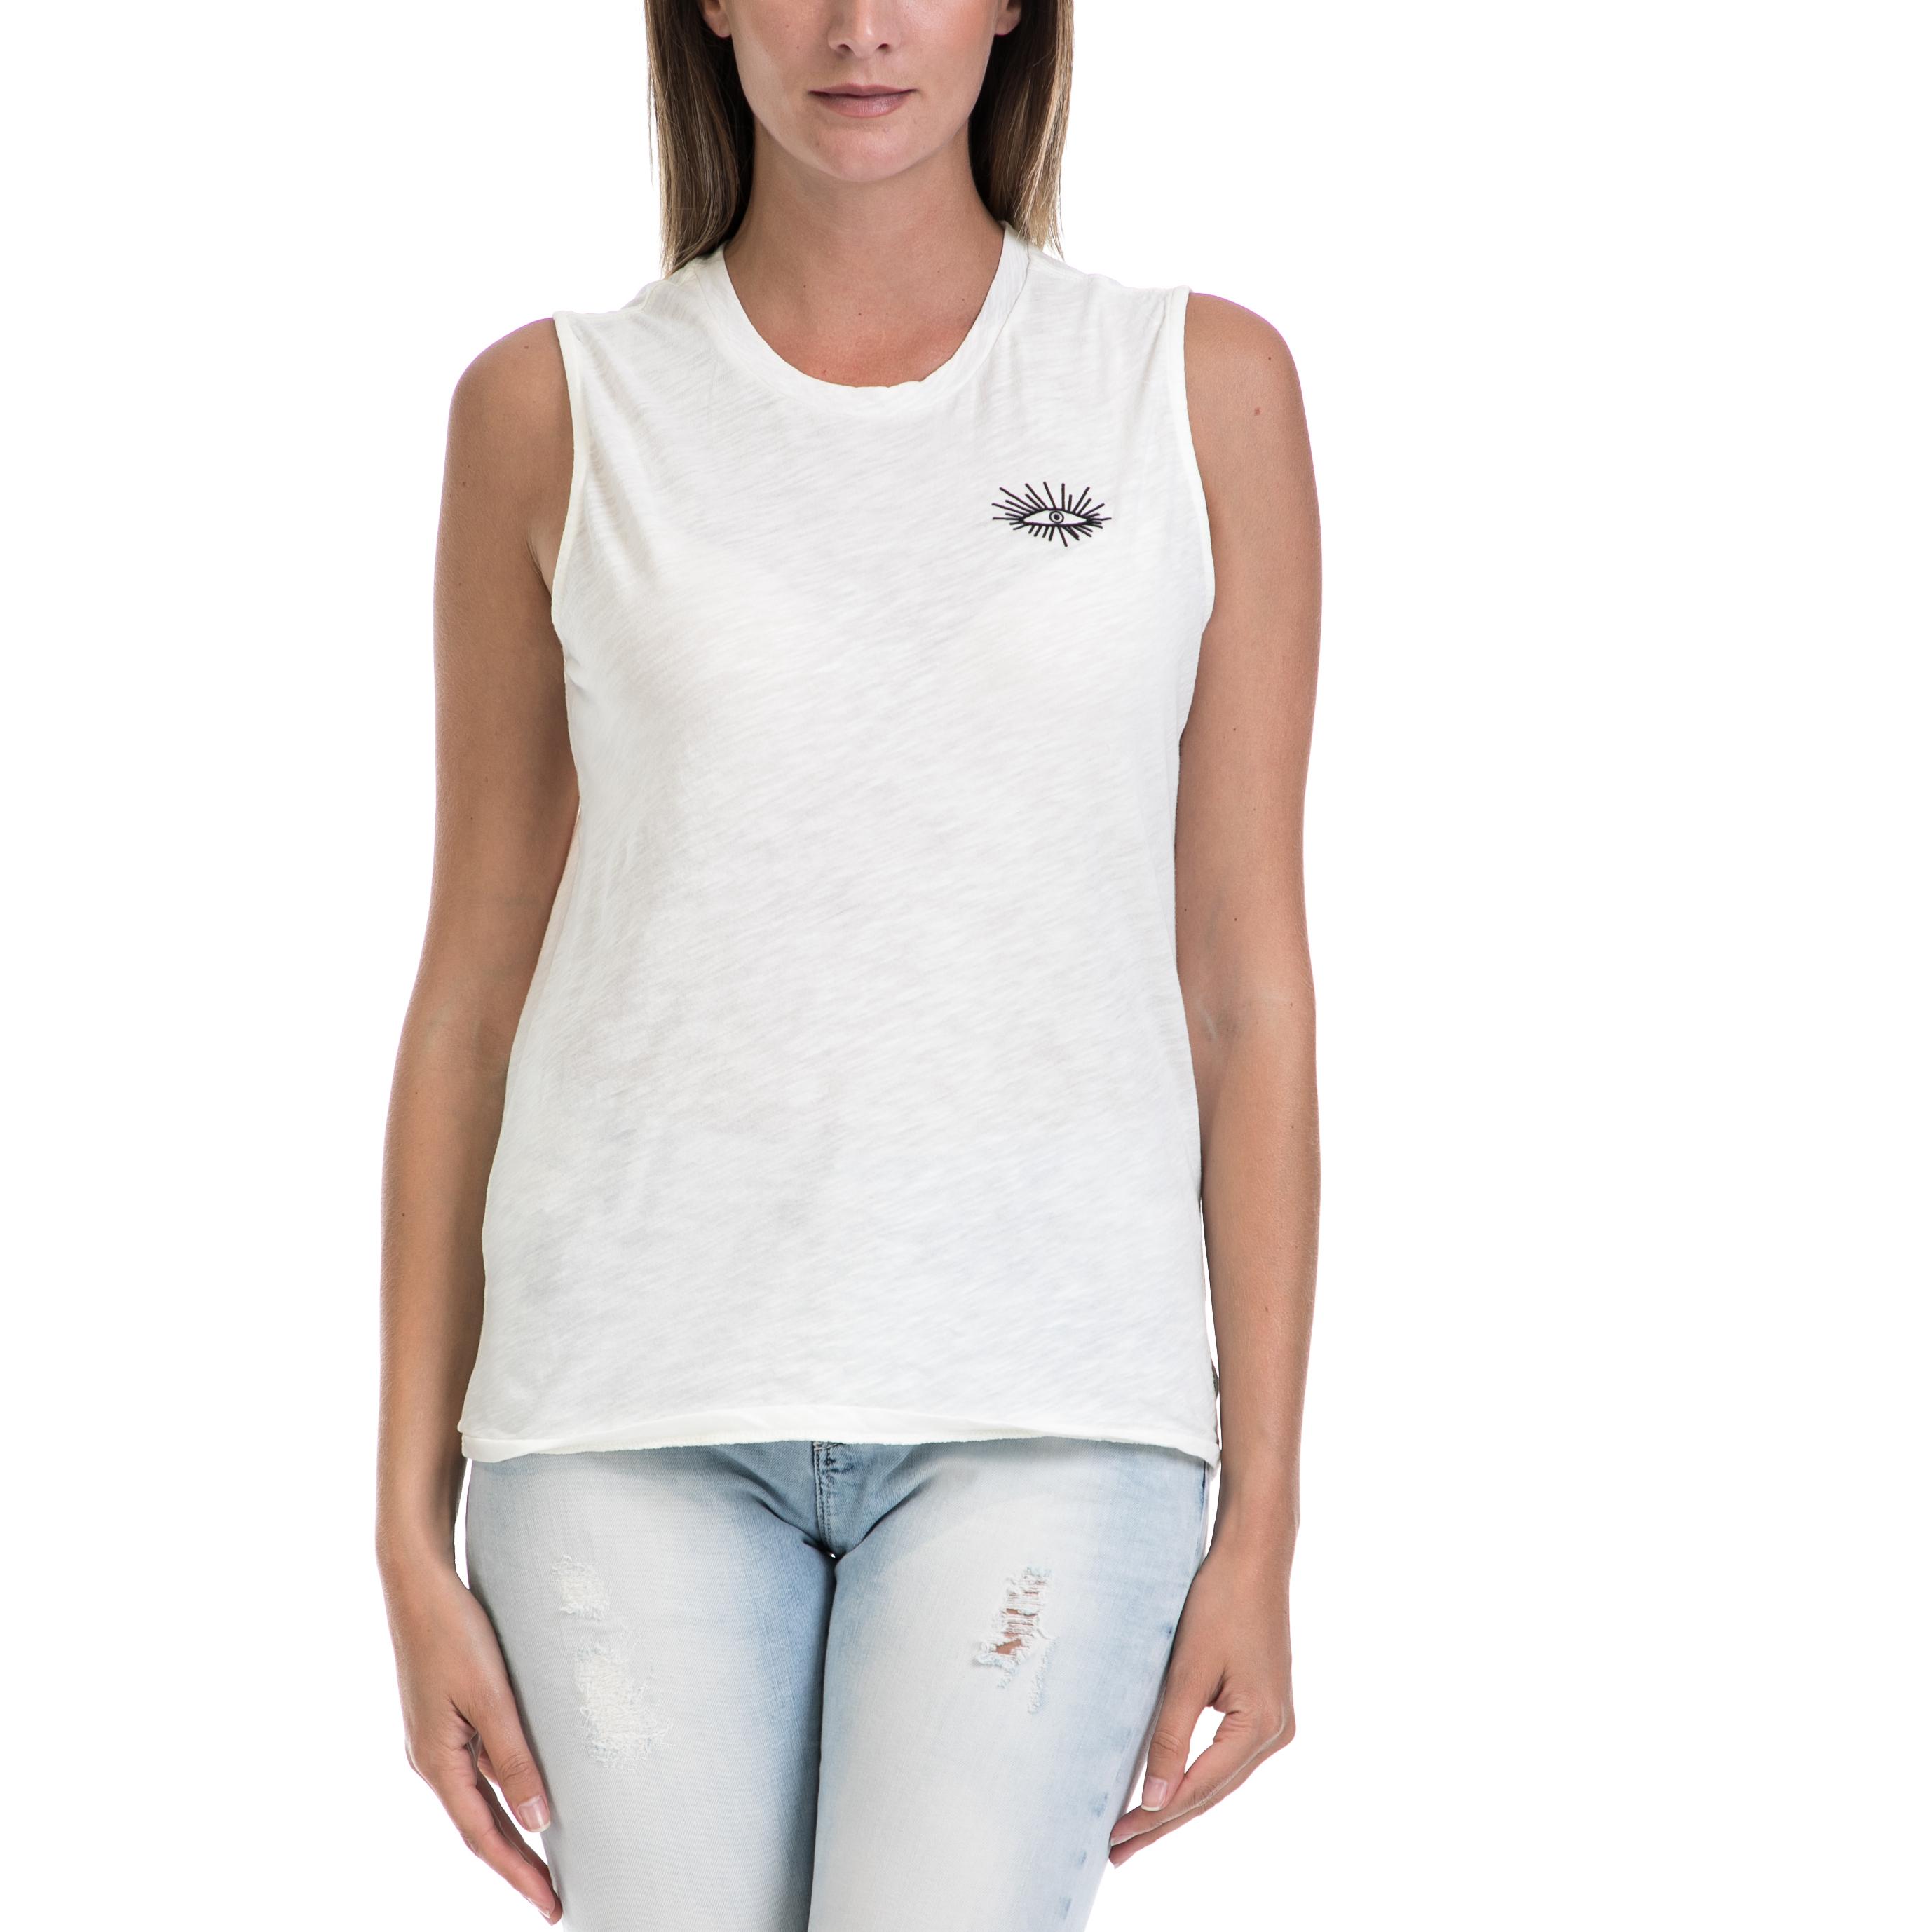 SCOTCH & SODA - Γυναικεία μπλούζα MAISON SCOTCH άσπρη γυναικεία ρούχα μπλούζες αμάνικες